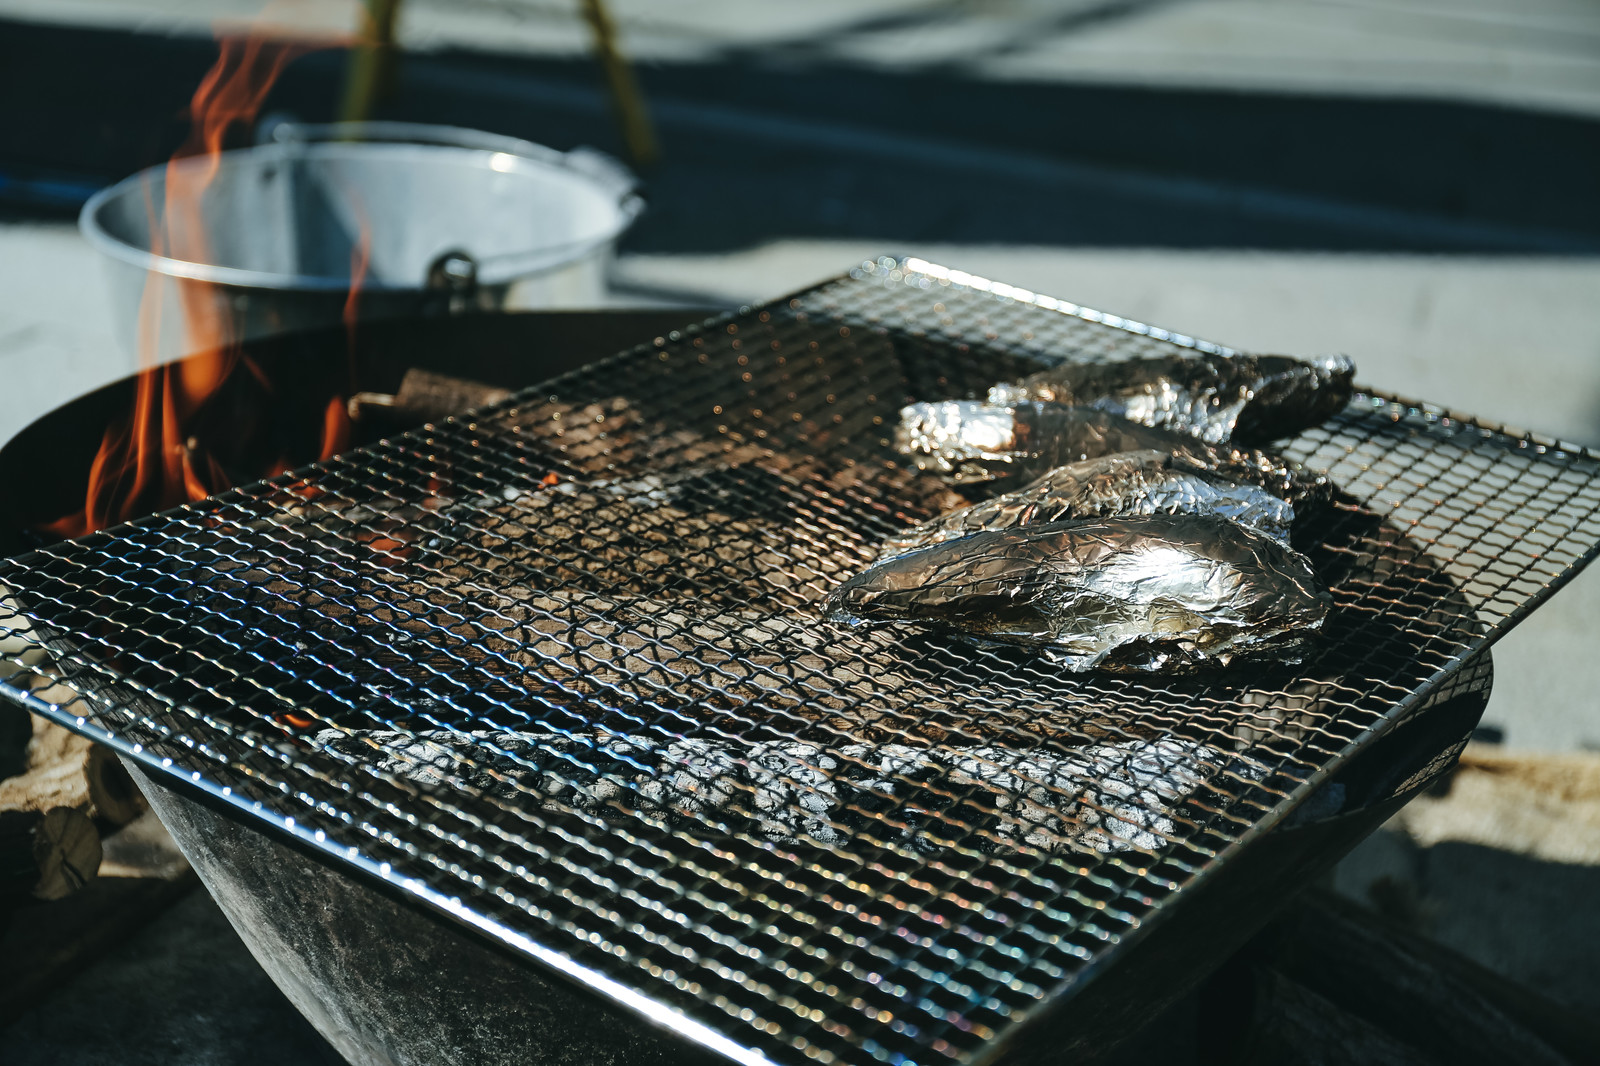 「屋外でホイル焼き(BBQ)」の写真